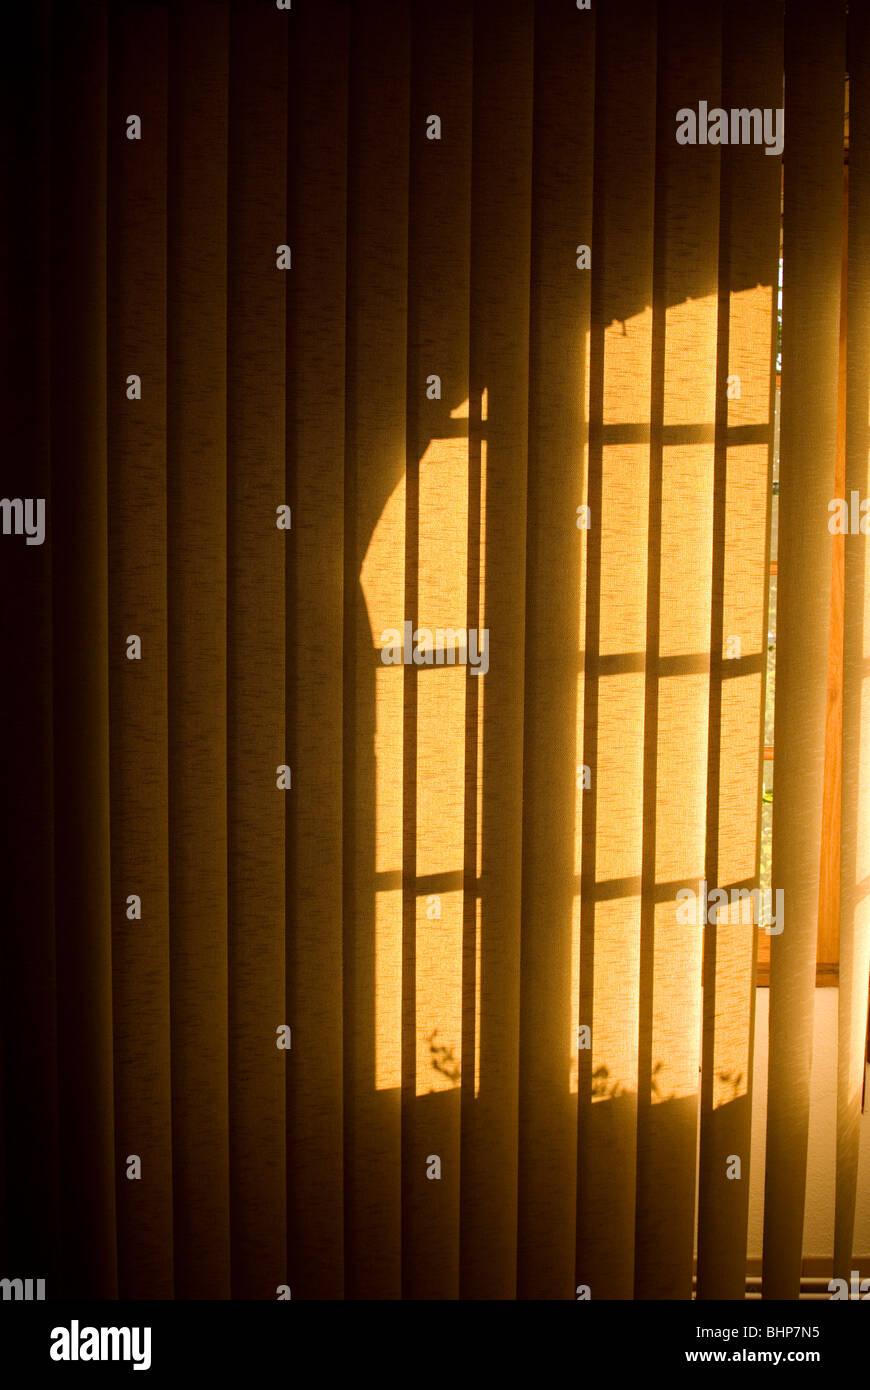 Un moody immagine di una finestra di ombre in caduta sul Appendere verticale persiane Immagini Stock